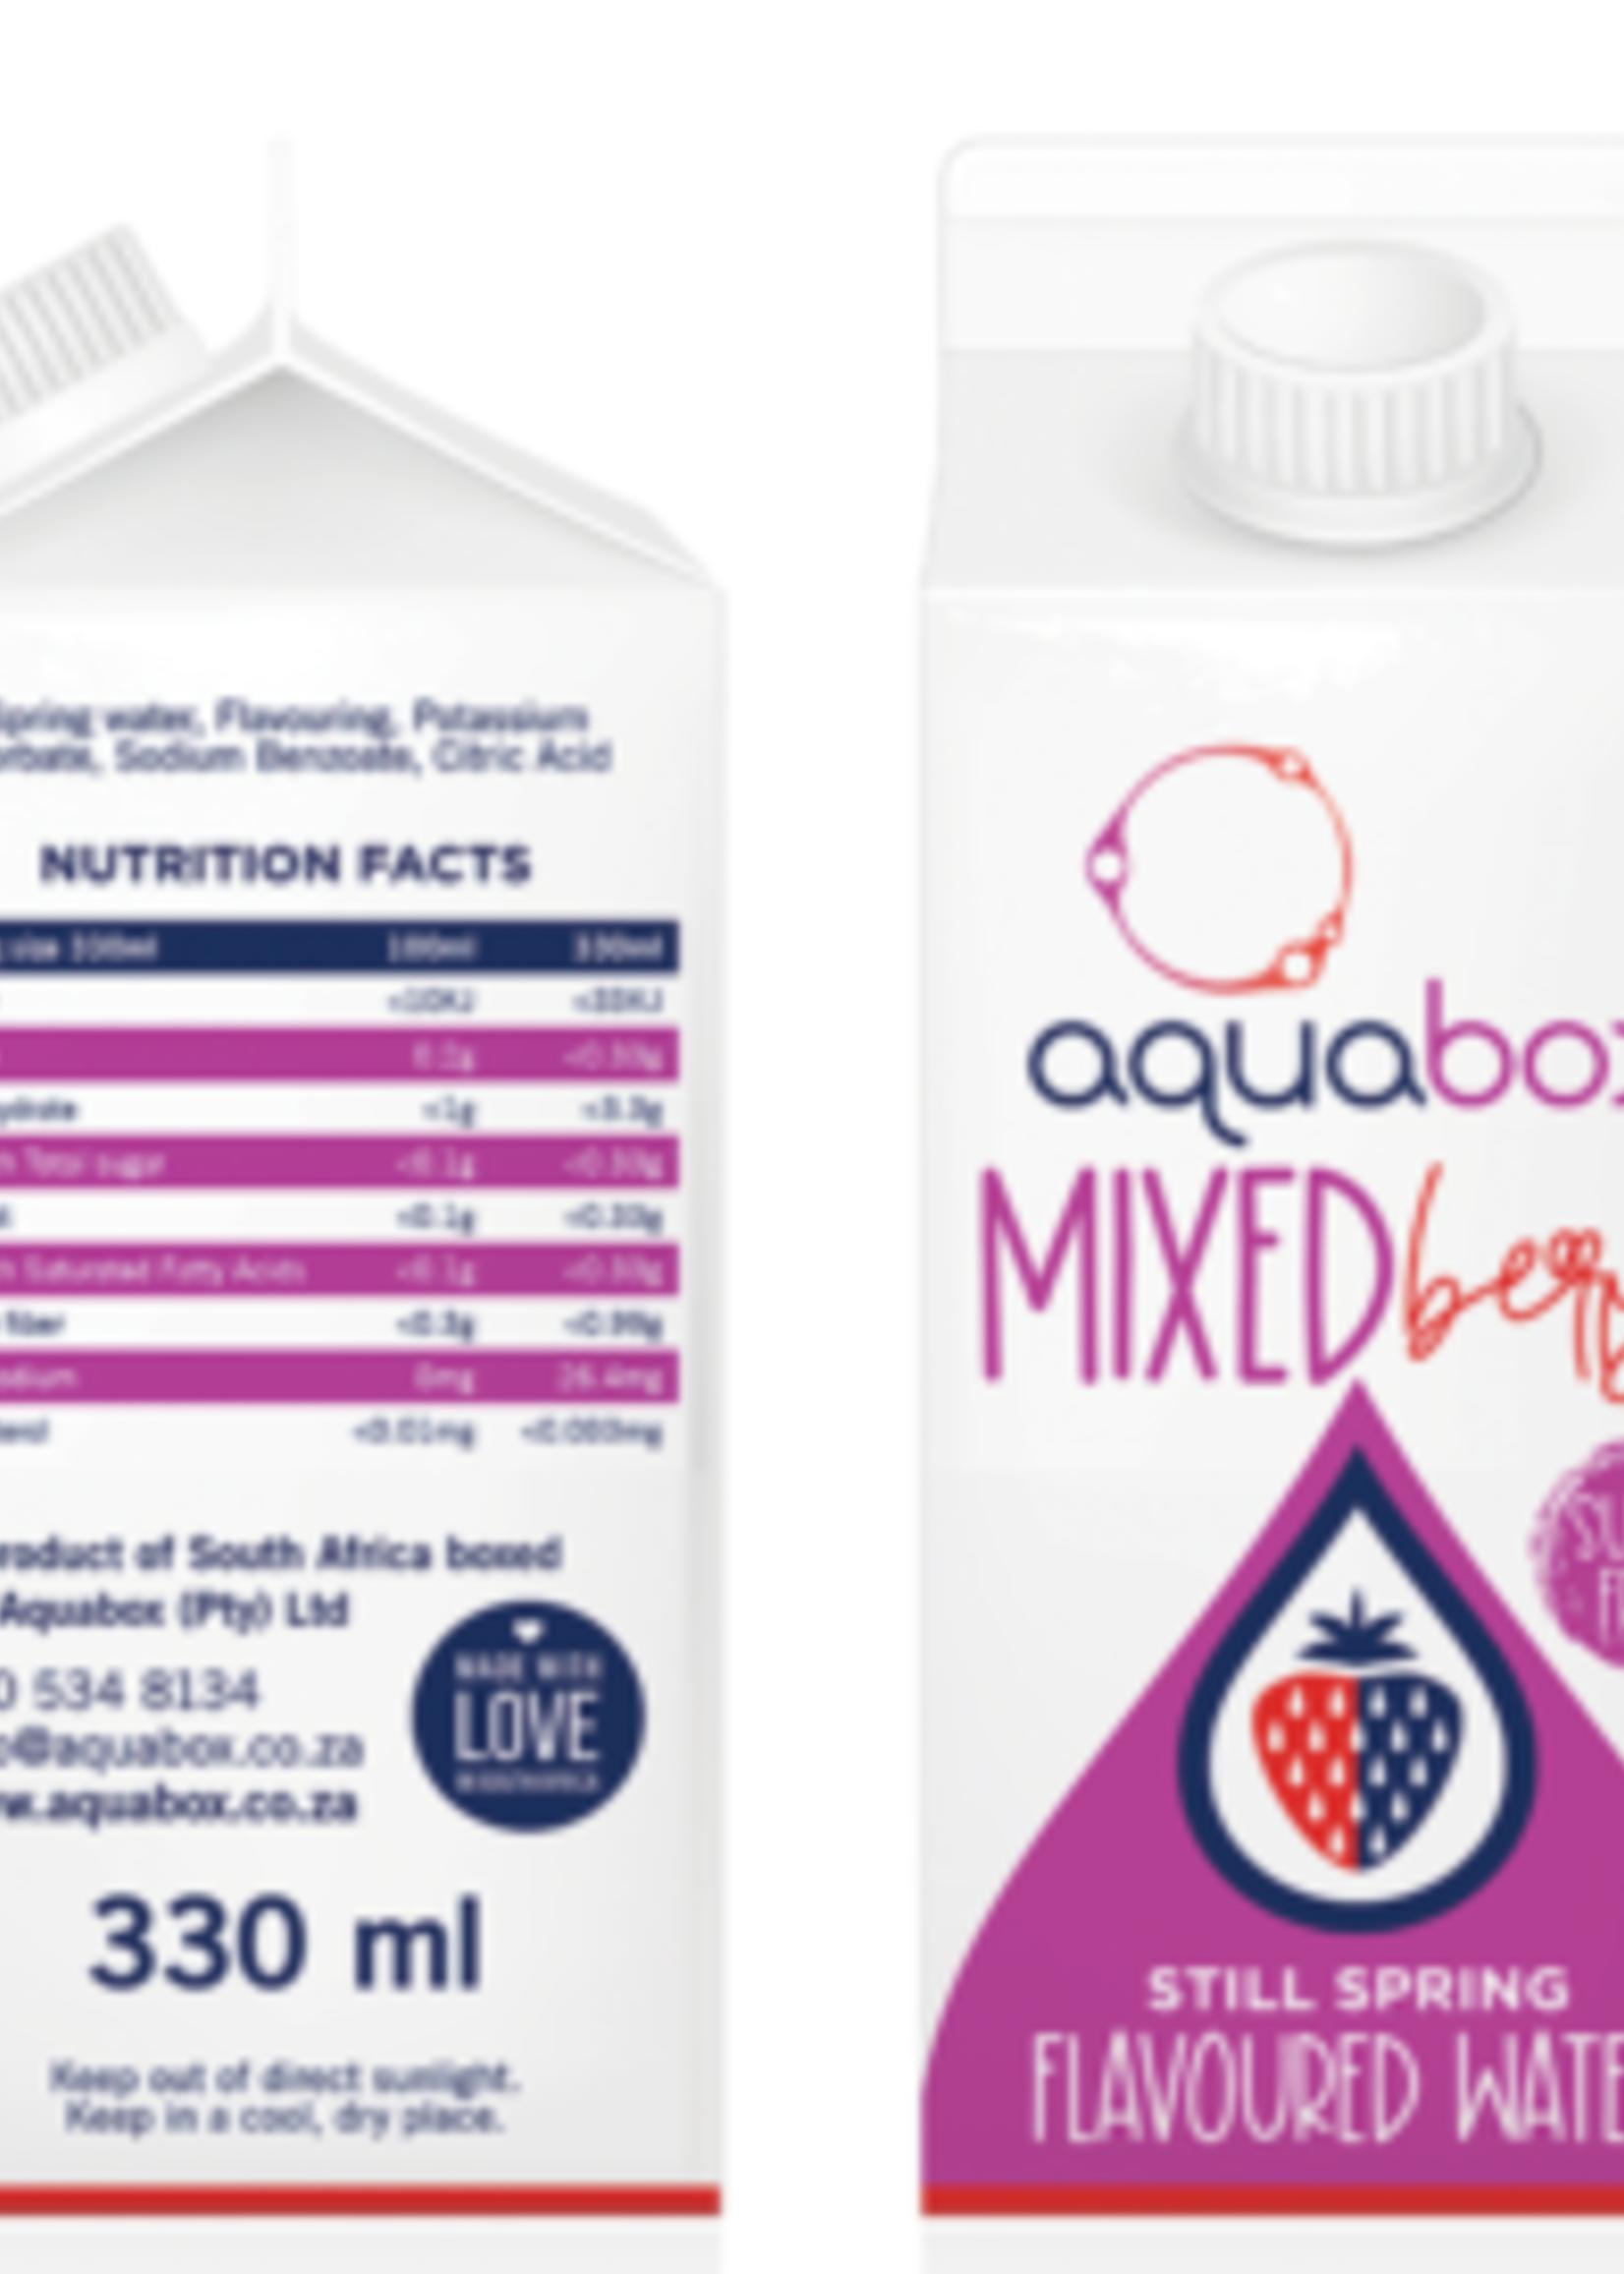 Aquabox Aquabox - Mixed berry